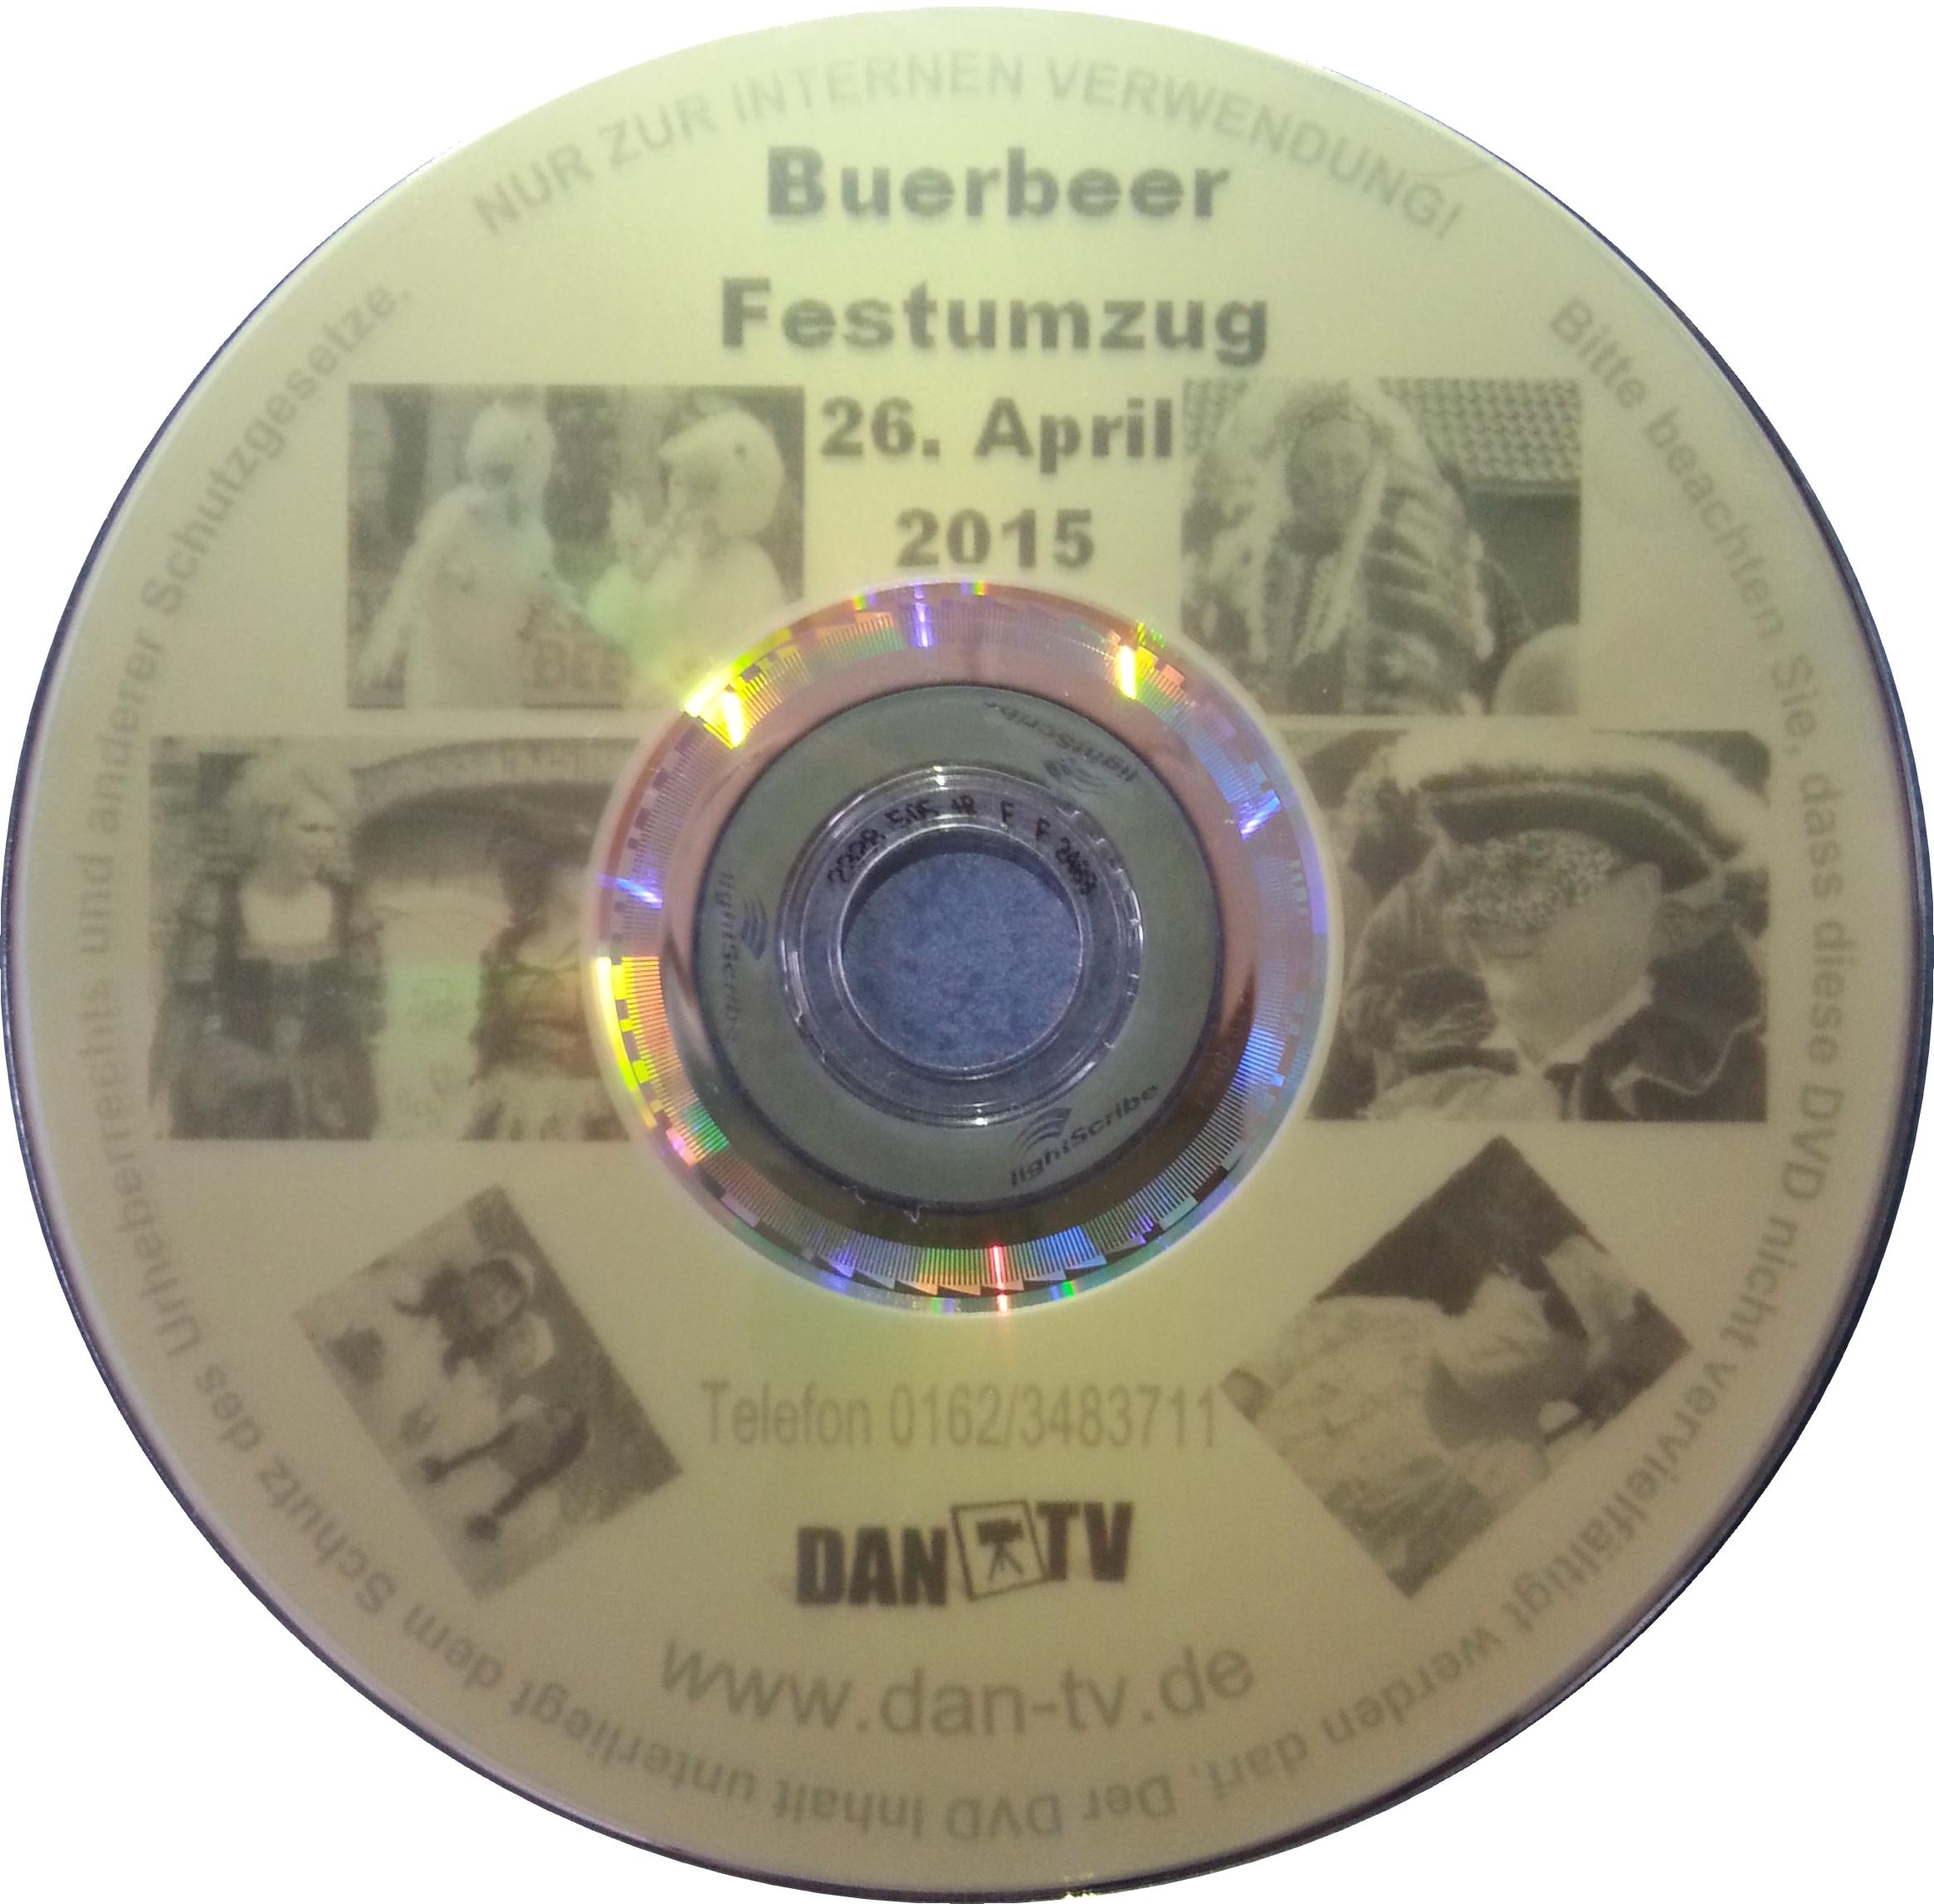 DVD Buerbeer